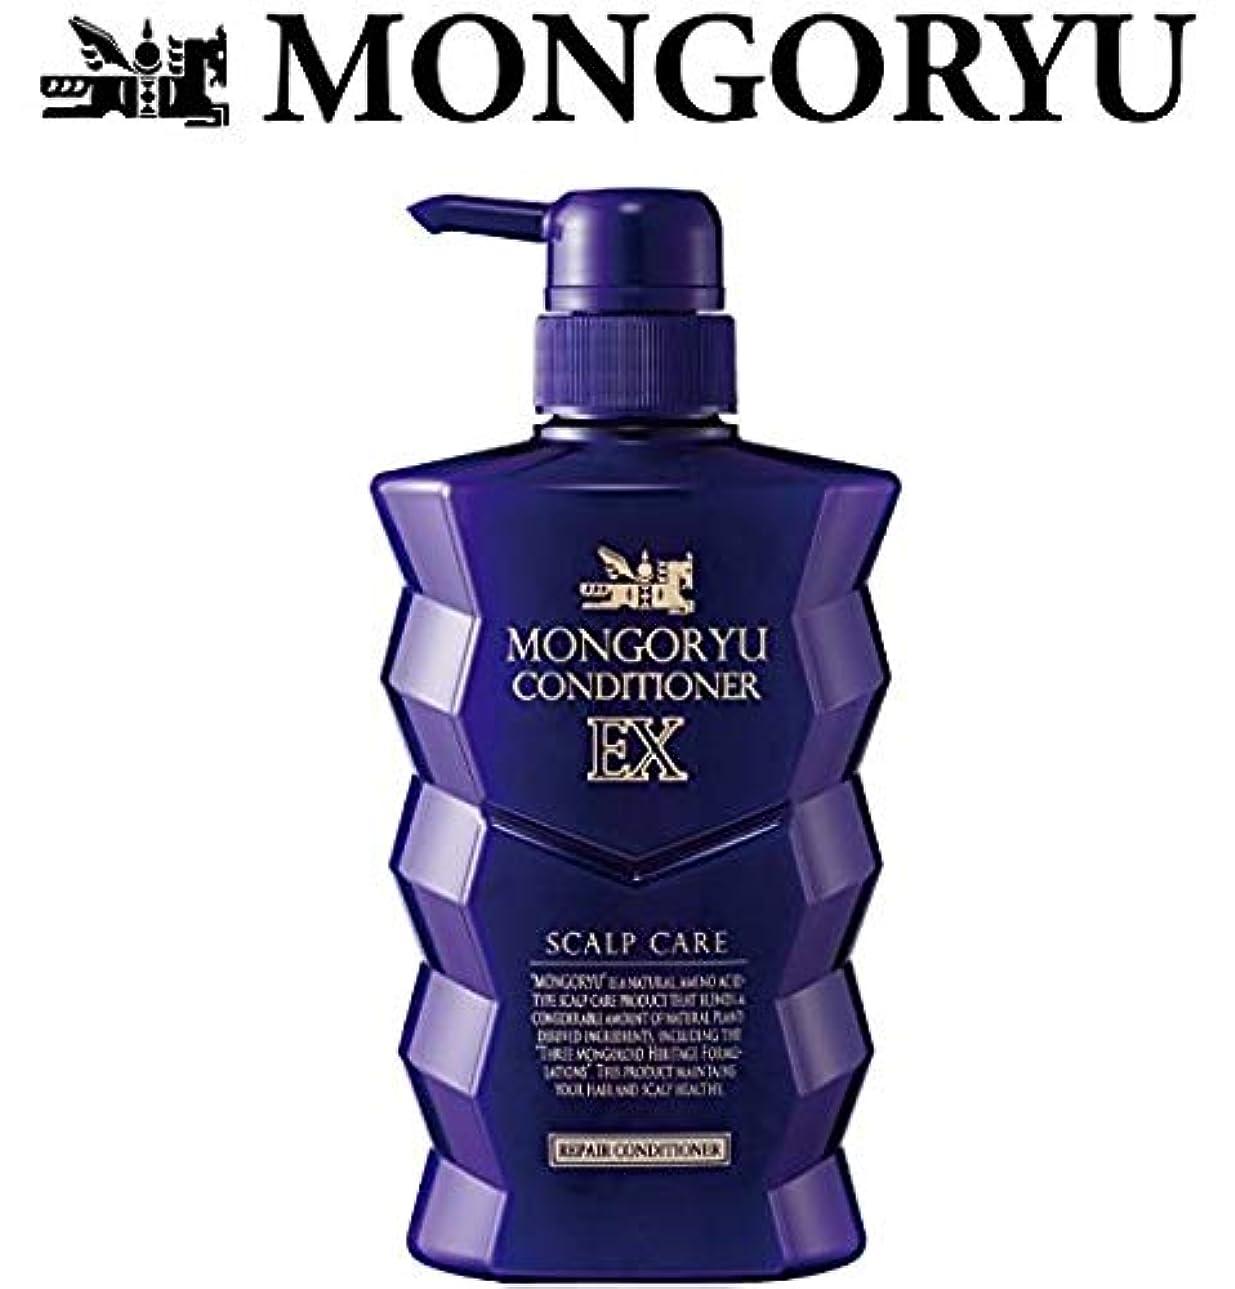 マークされた追い払う消費者モンゴ流 リペア コンディショナーEX 400ml / スカルプケア フレッシュライムの香り MONGORYU